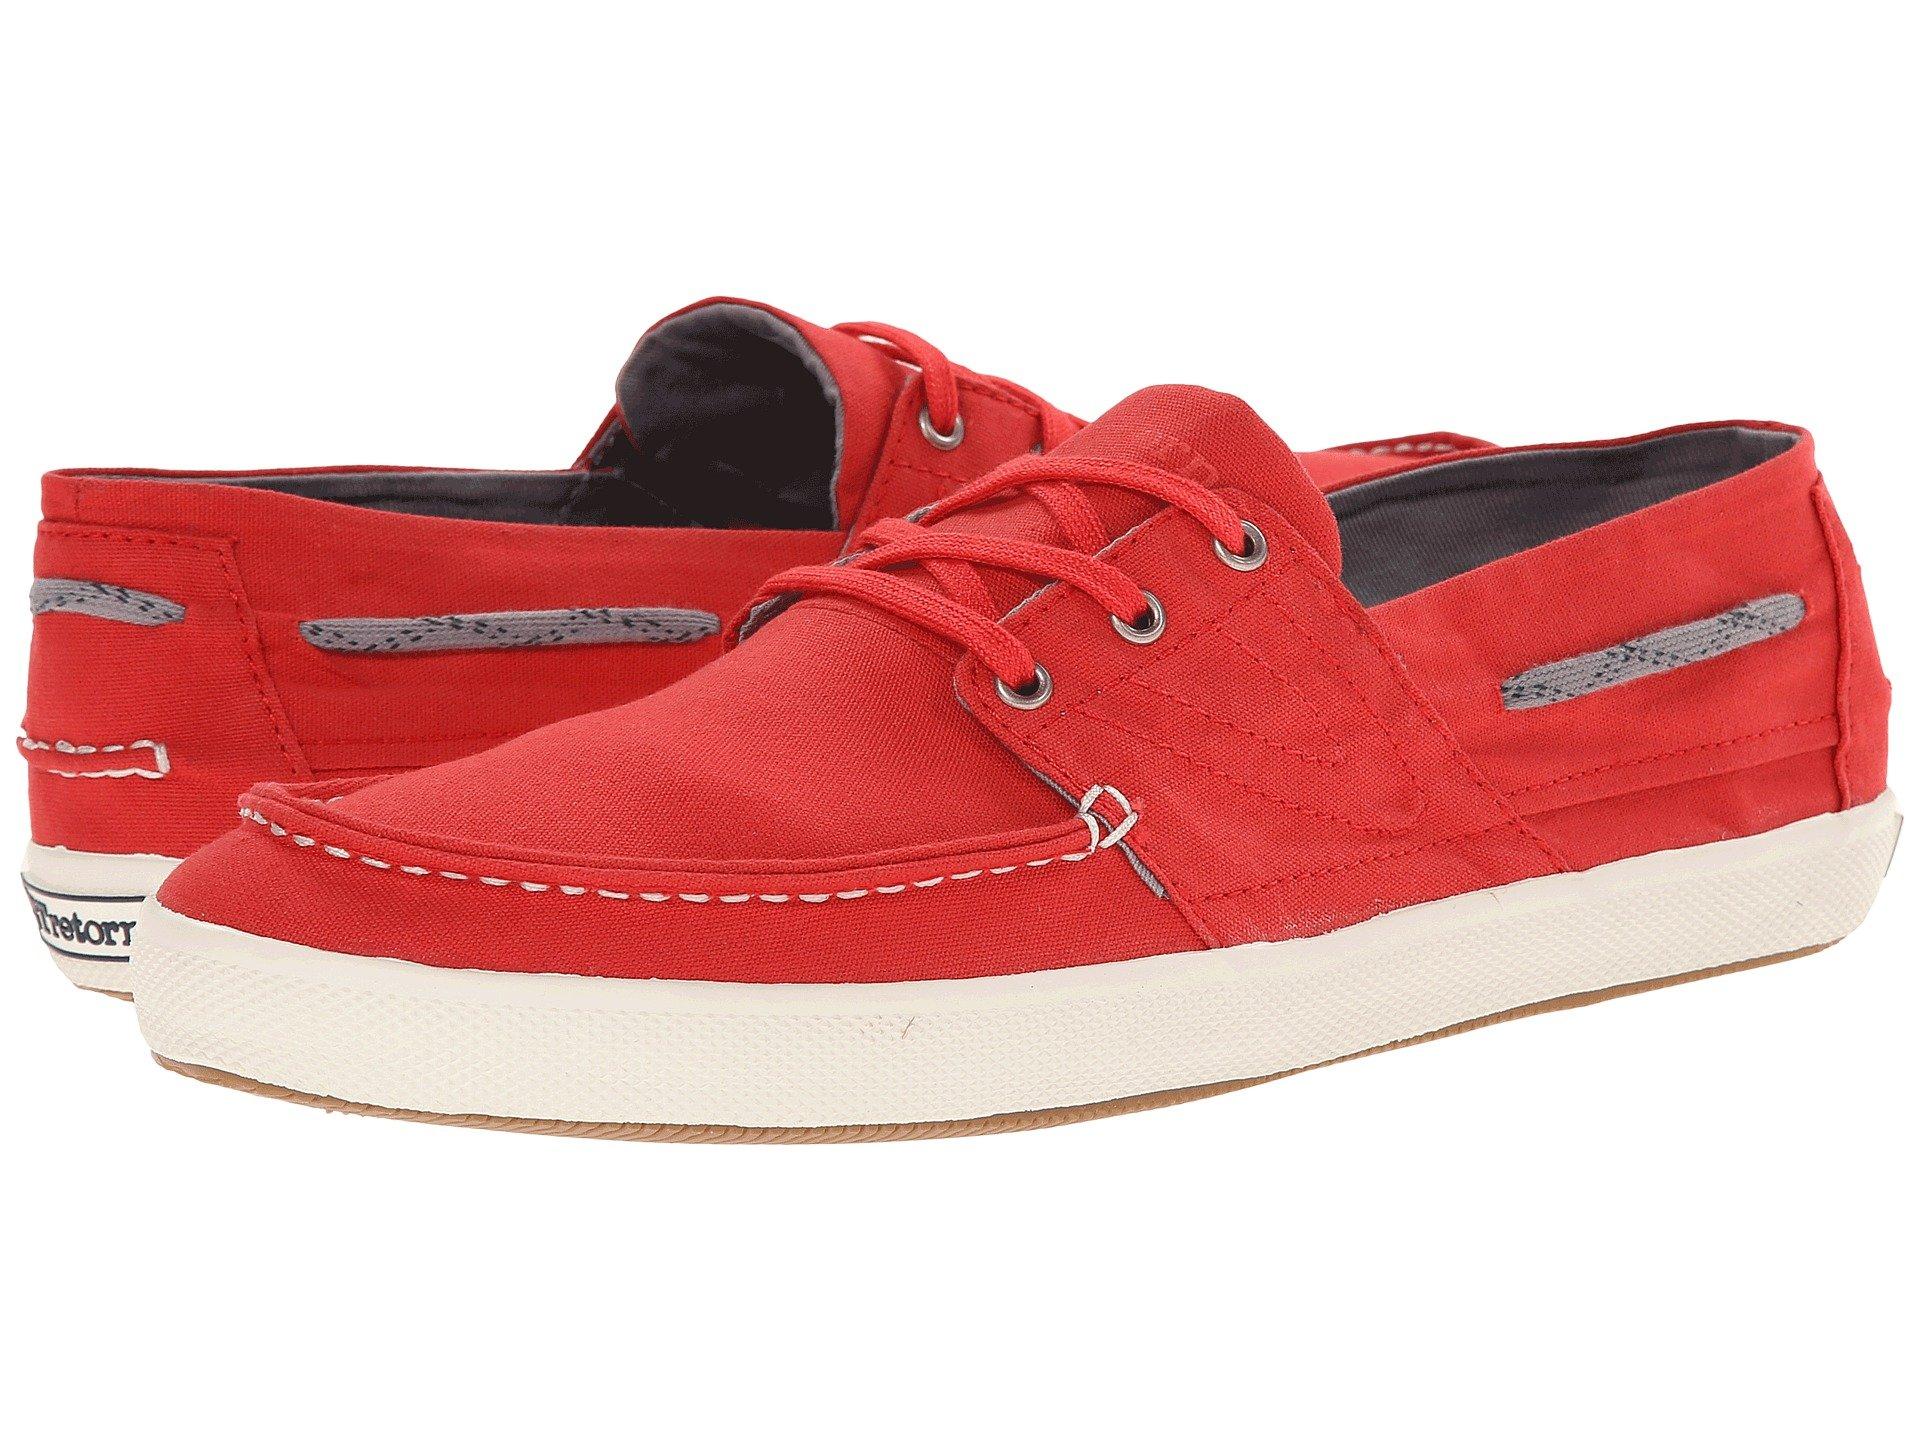 Calzado Tipo Boat Shoe para Hombre Tretorn Otto Canvas  + Tretorn en VeoyCompro.net